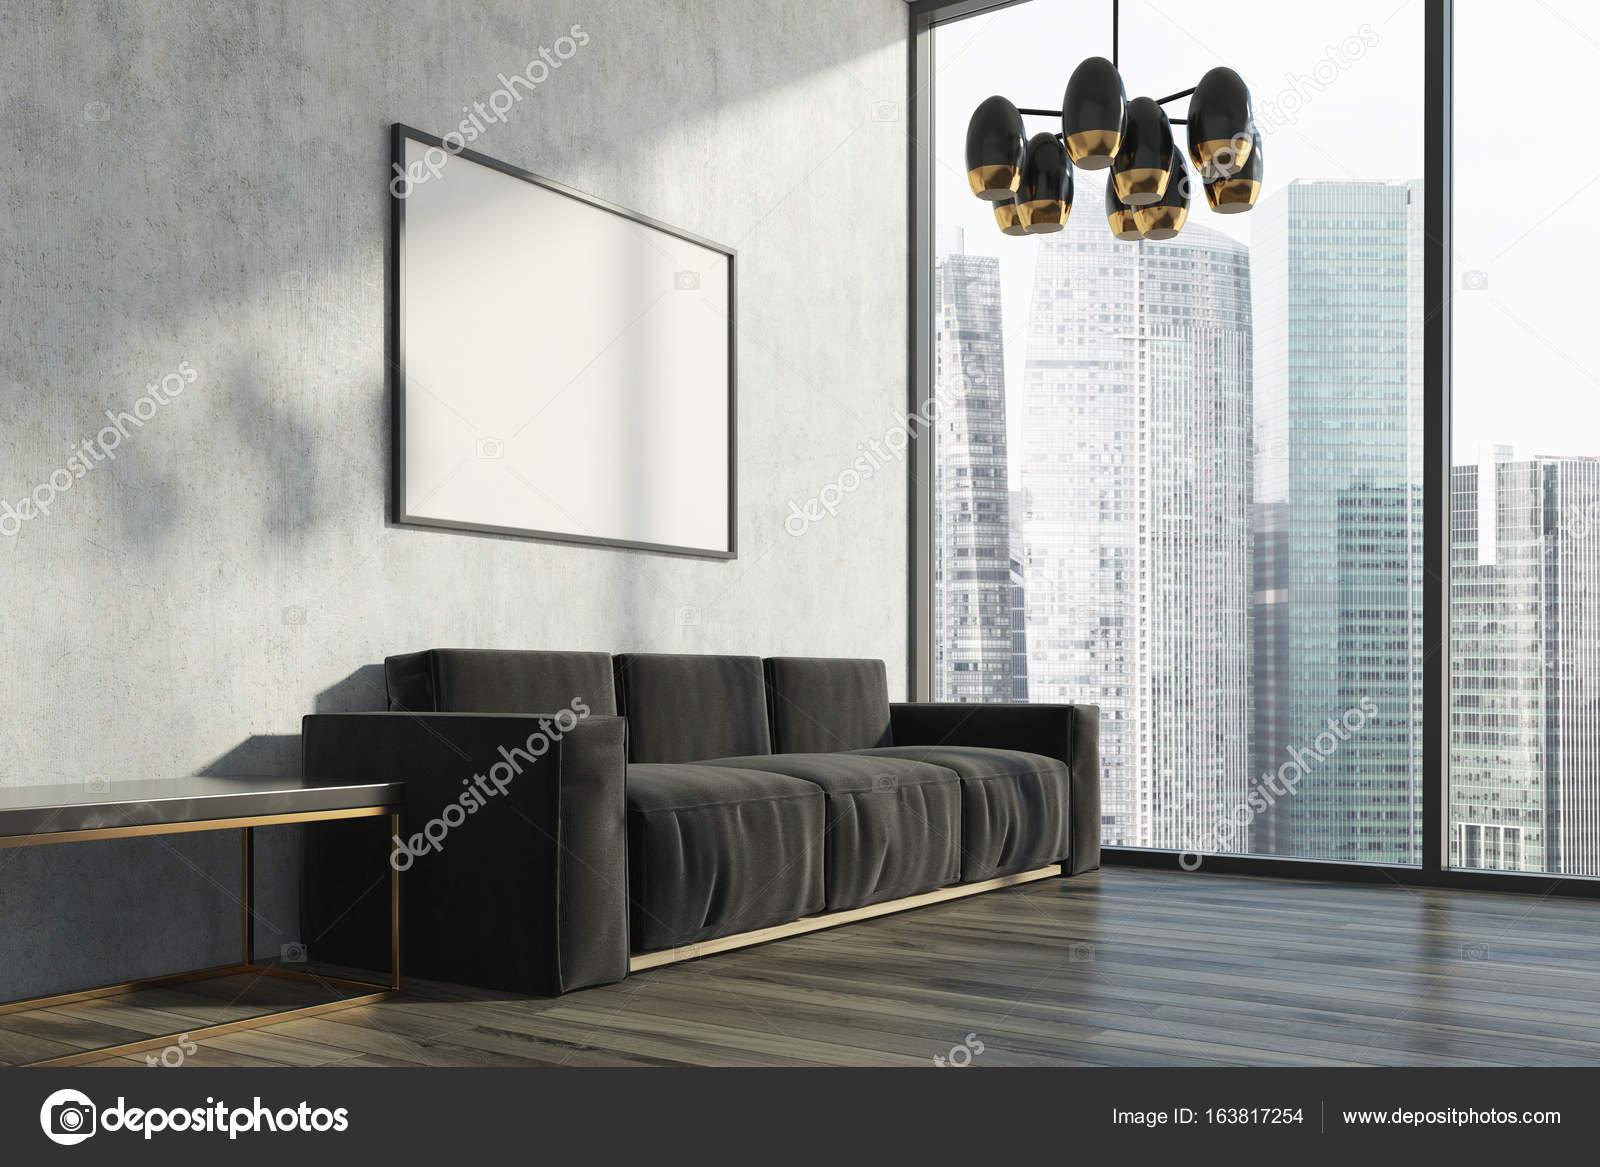 Beton wohnzimmer schwarzen sofa poster u2014 stockfoto